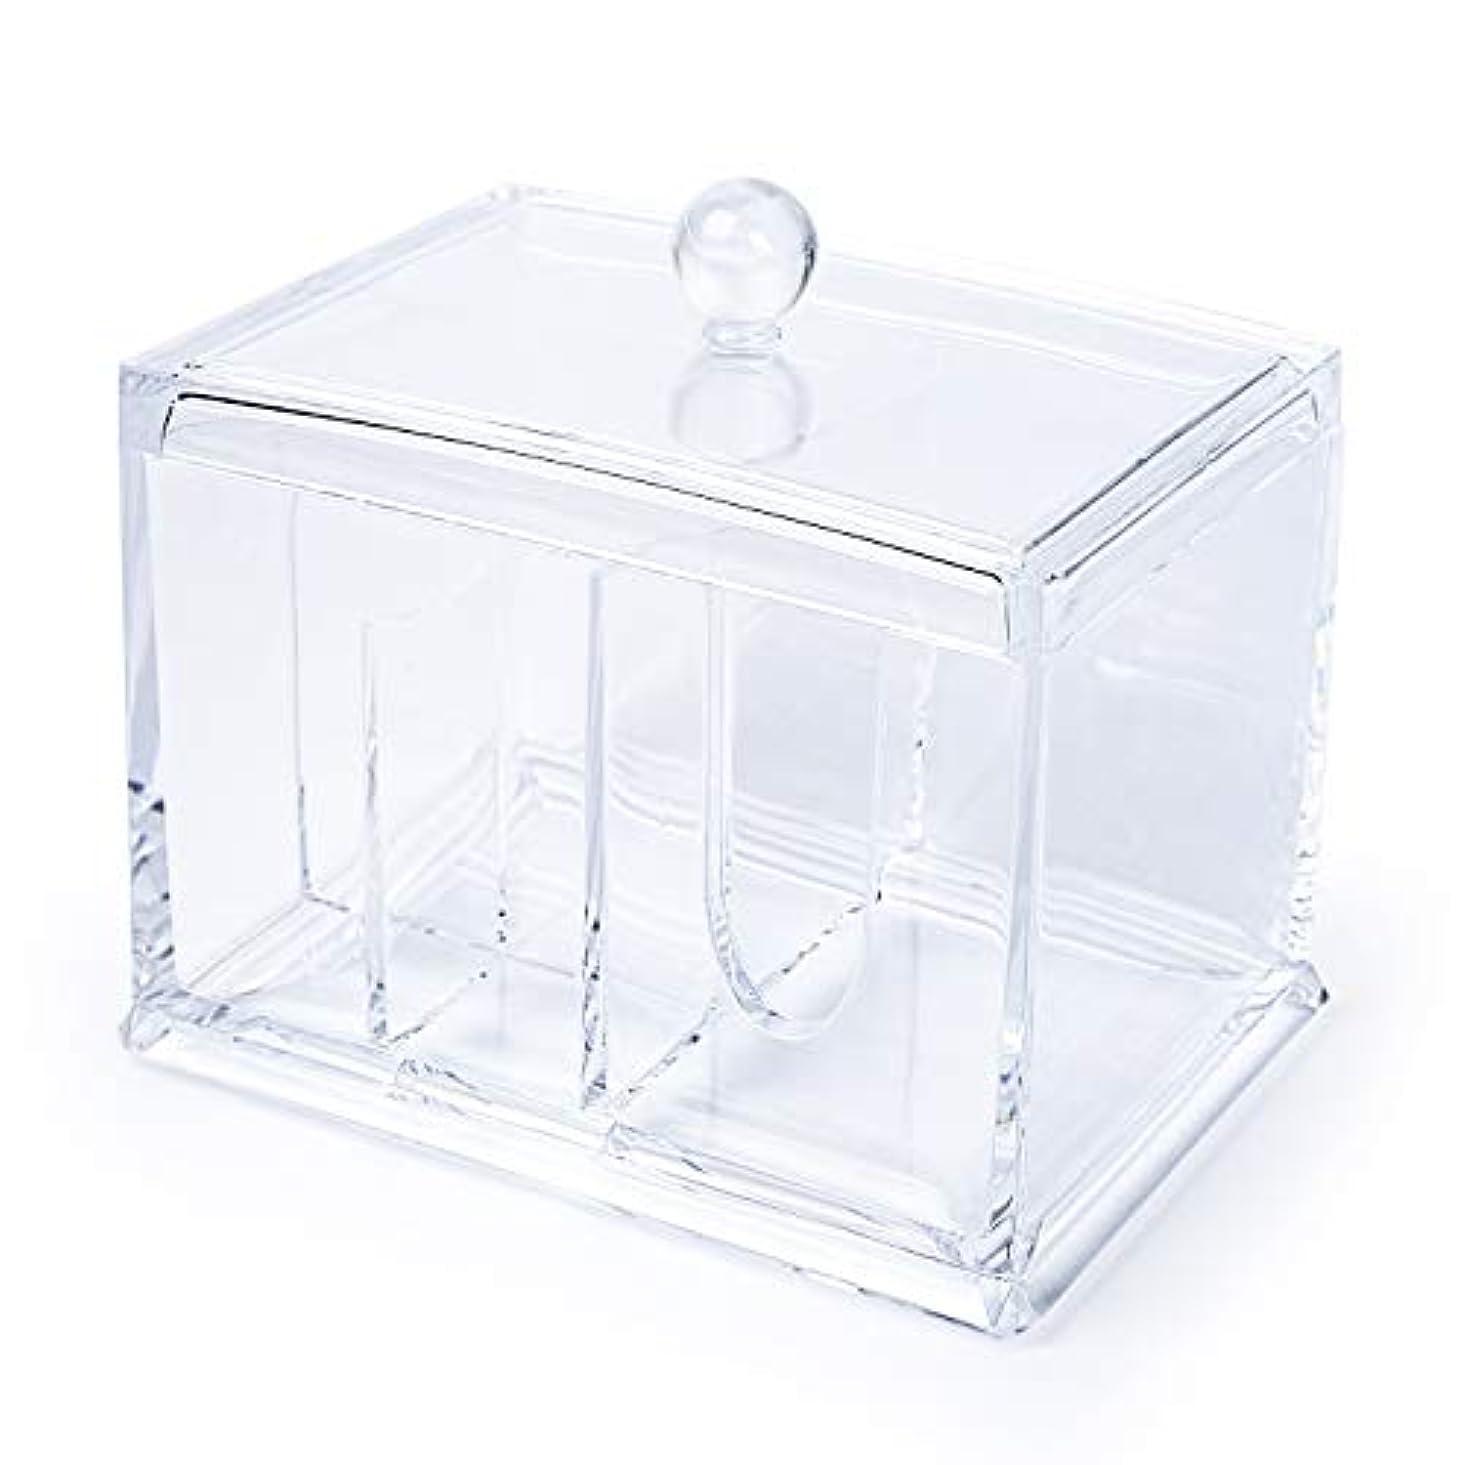 介入する影響するに負けるELOKI 収納ボックス アクリルケース 収納ボックス 綿棒 小物?コスメ小物用品収納 ジュエリーボックス アクセサリー 透明 防塵?蓋付き アクリル製